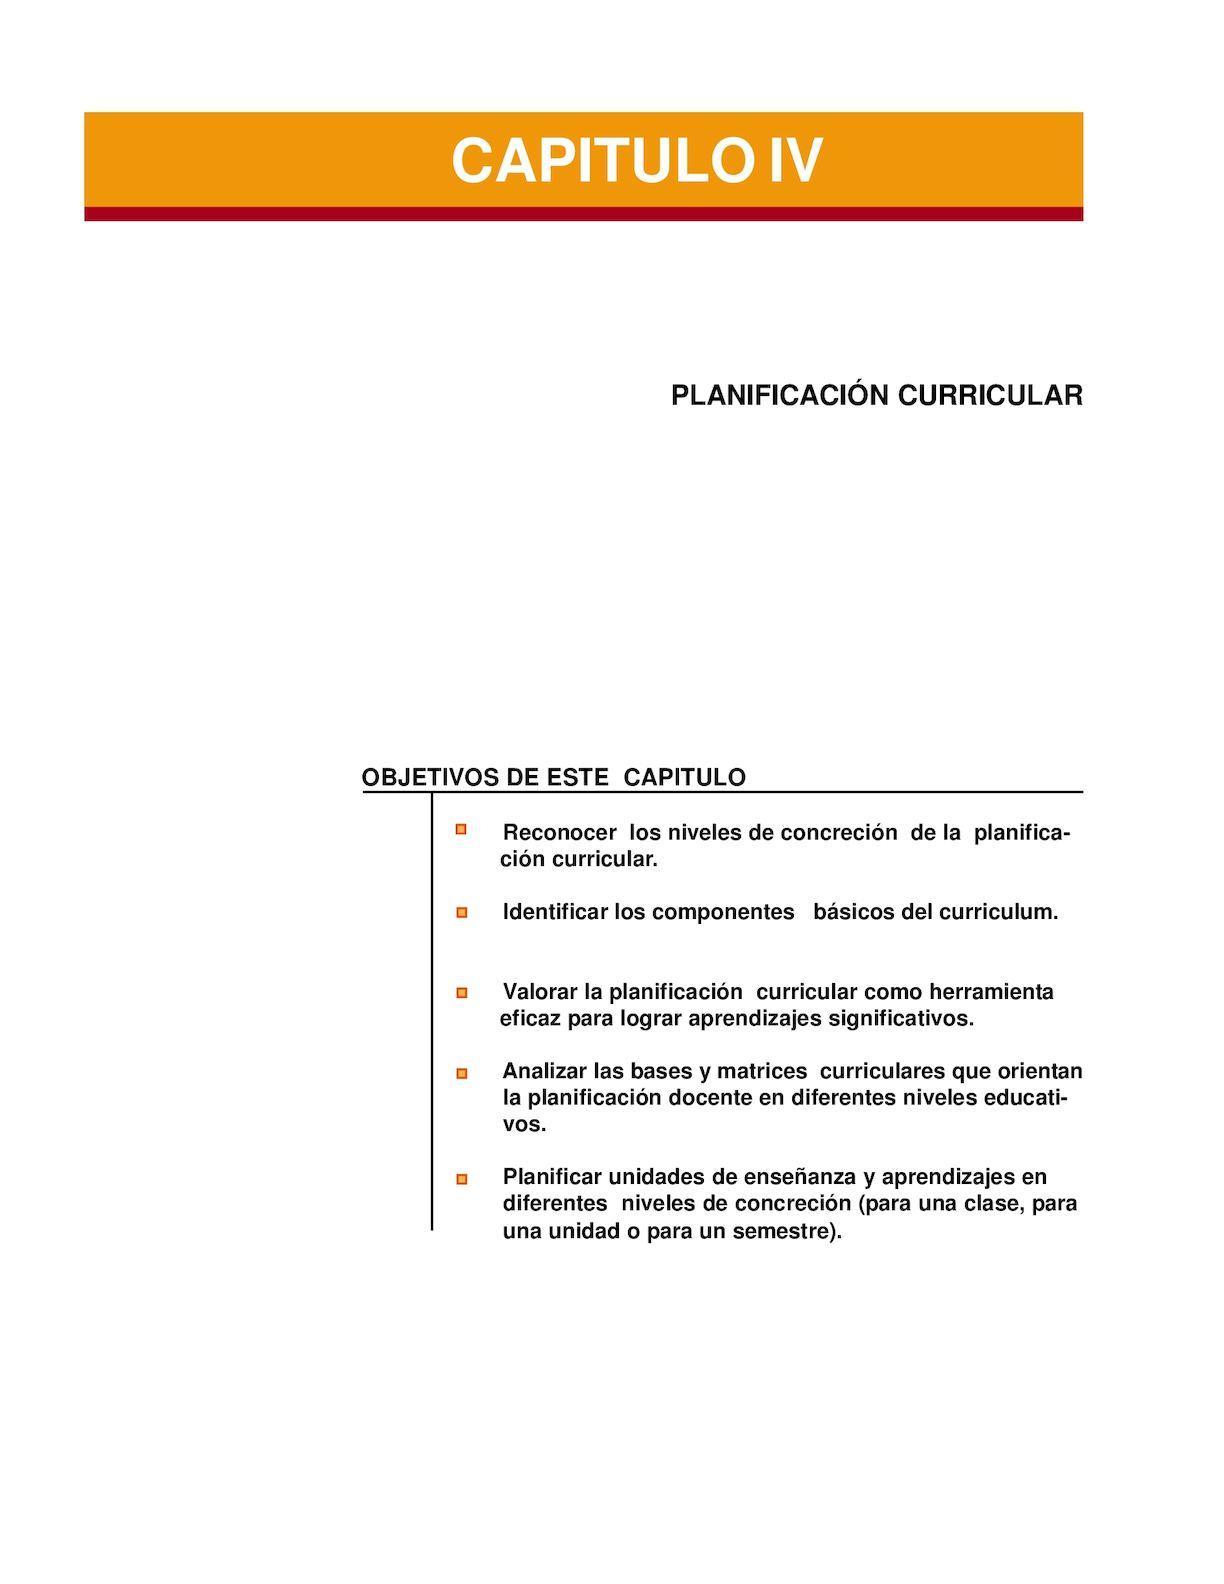 Calaméo - Planificación Curricular